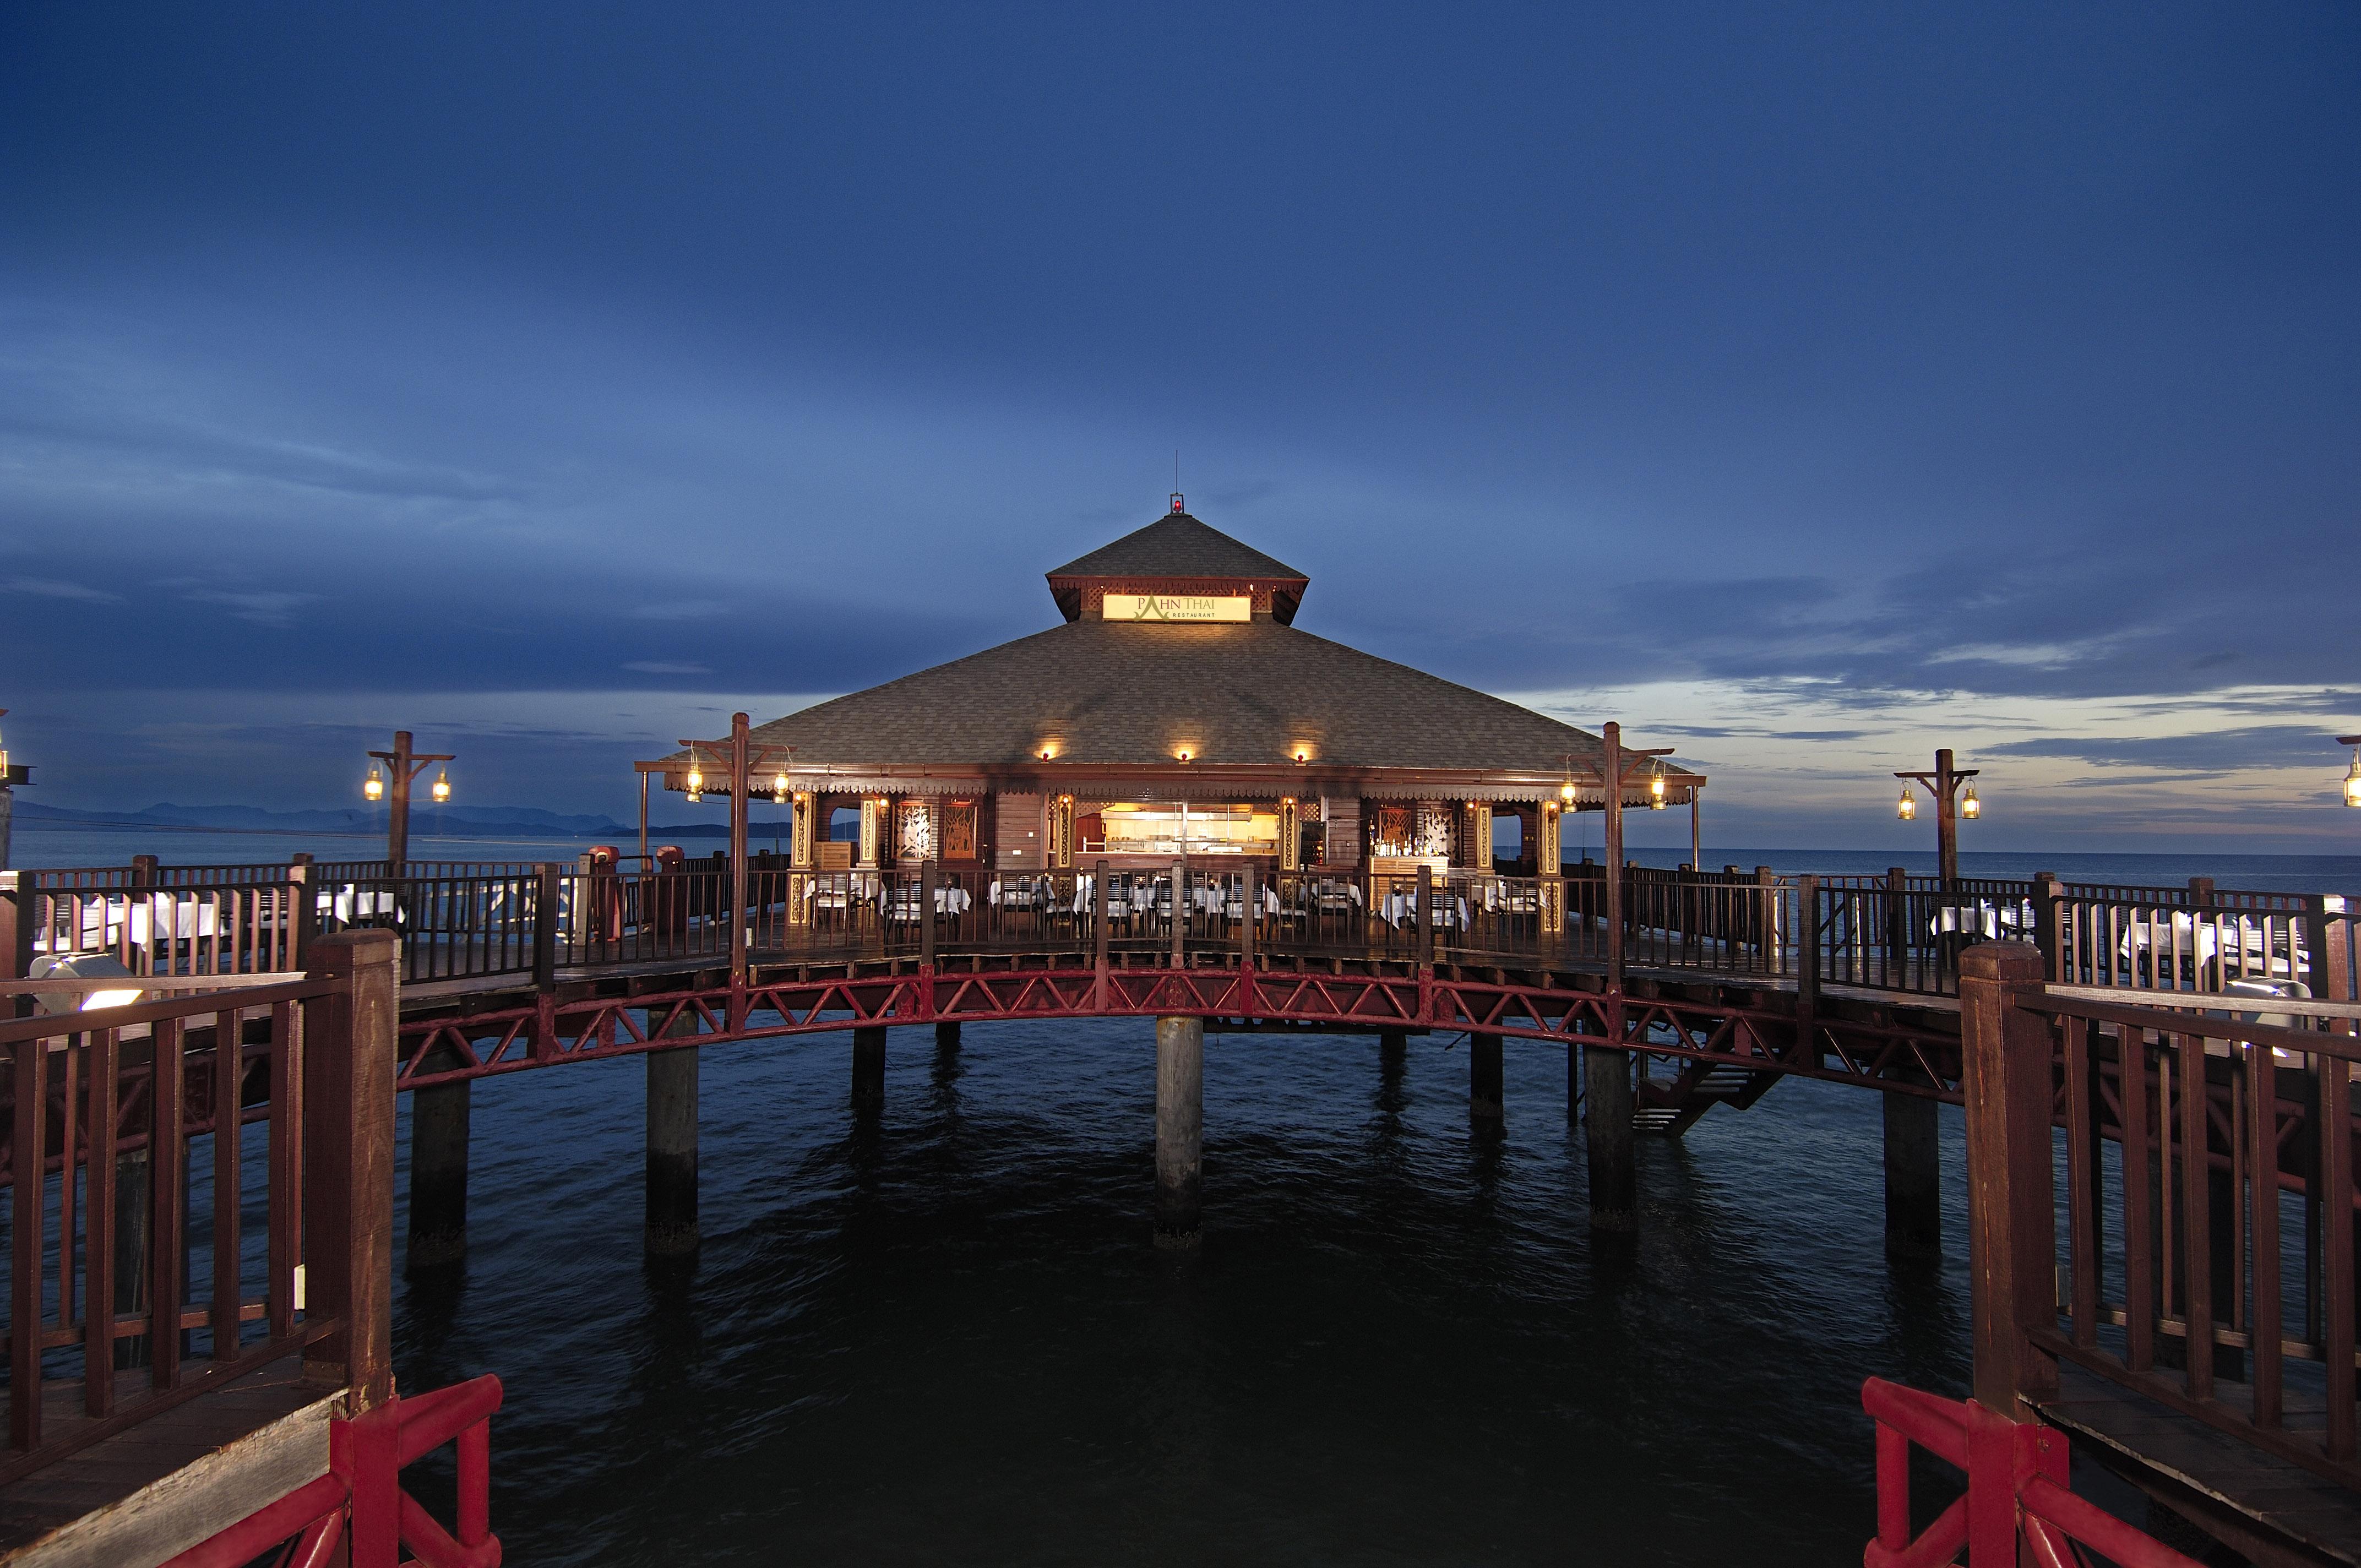 Berjaya-Langkawi-Resort-Pahn-Thai Restaurant - Facade At Night